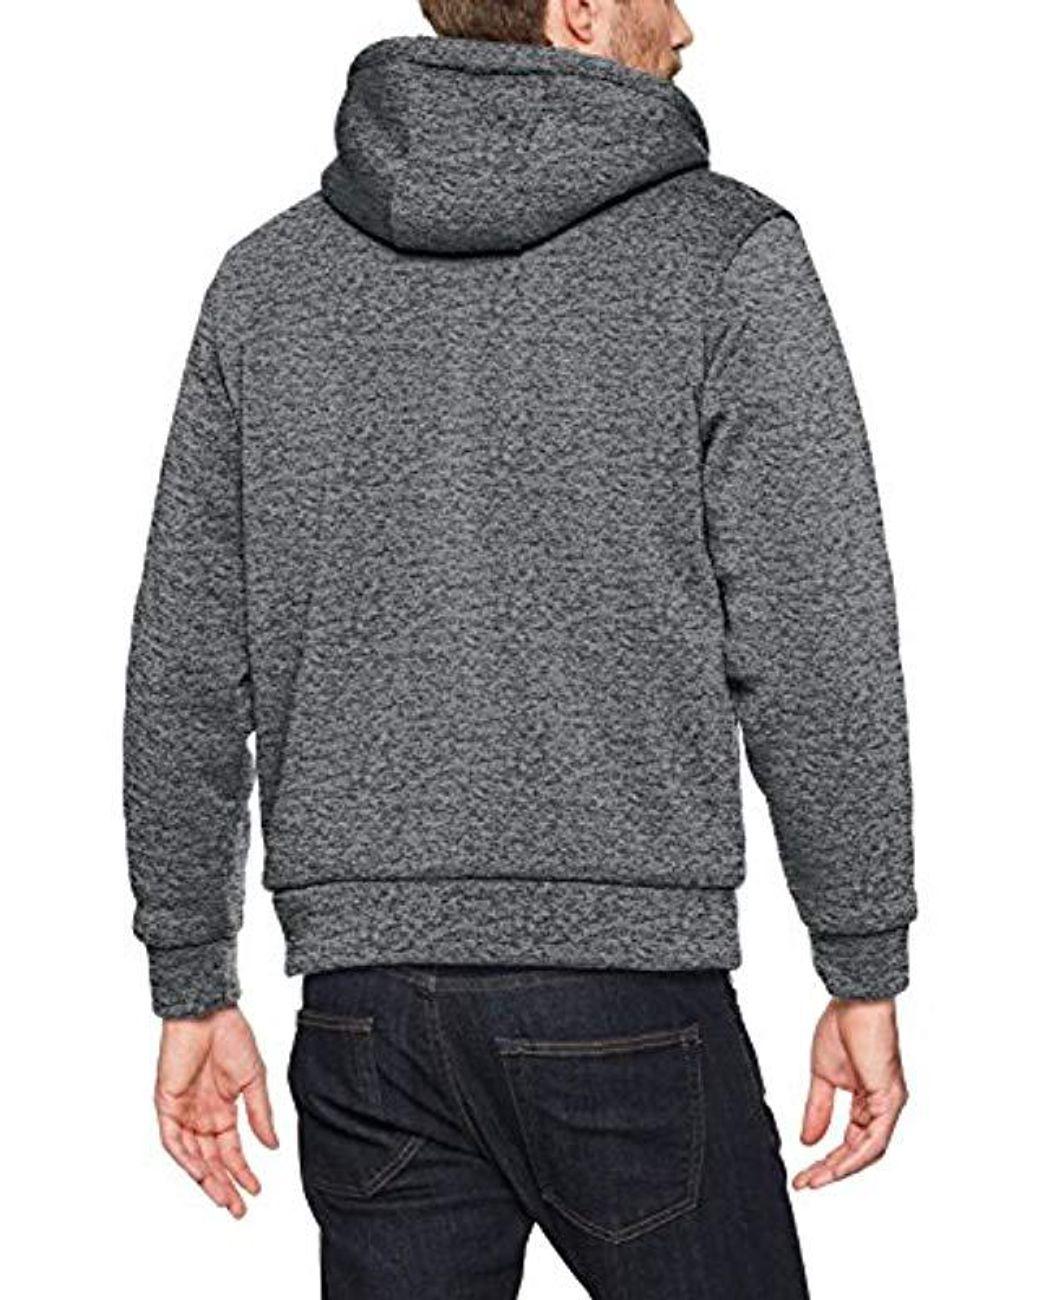 U S  POLO ASSN  Standard Sherpa Lined Fleece Hoodie in Gray